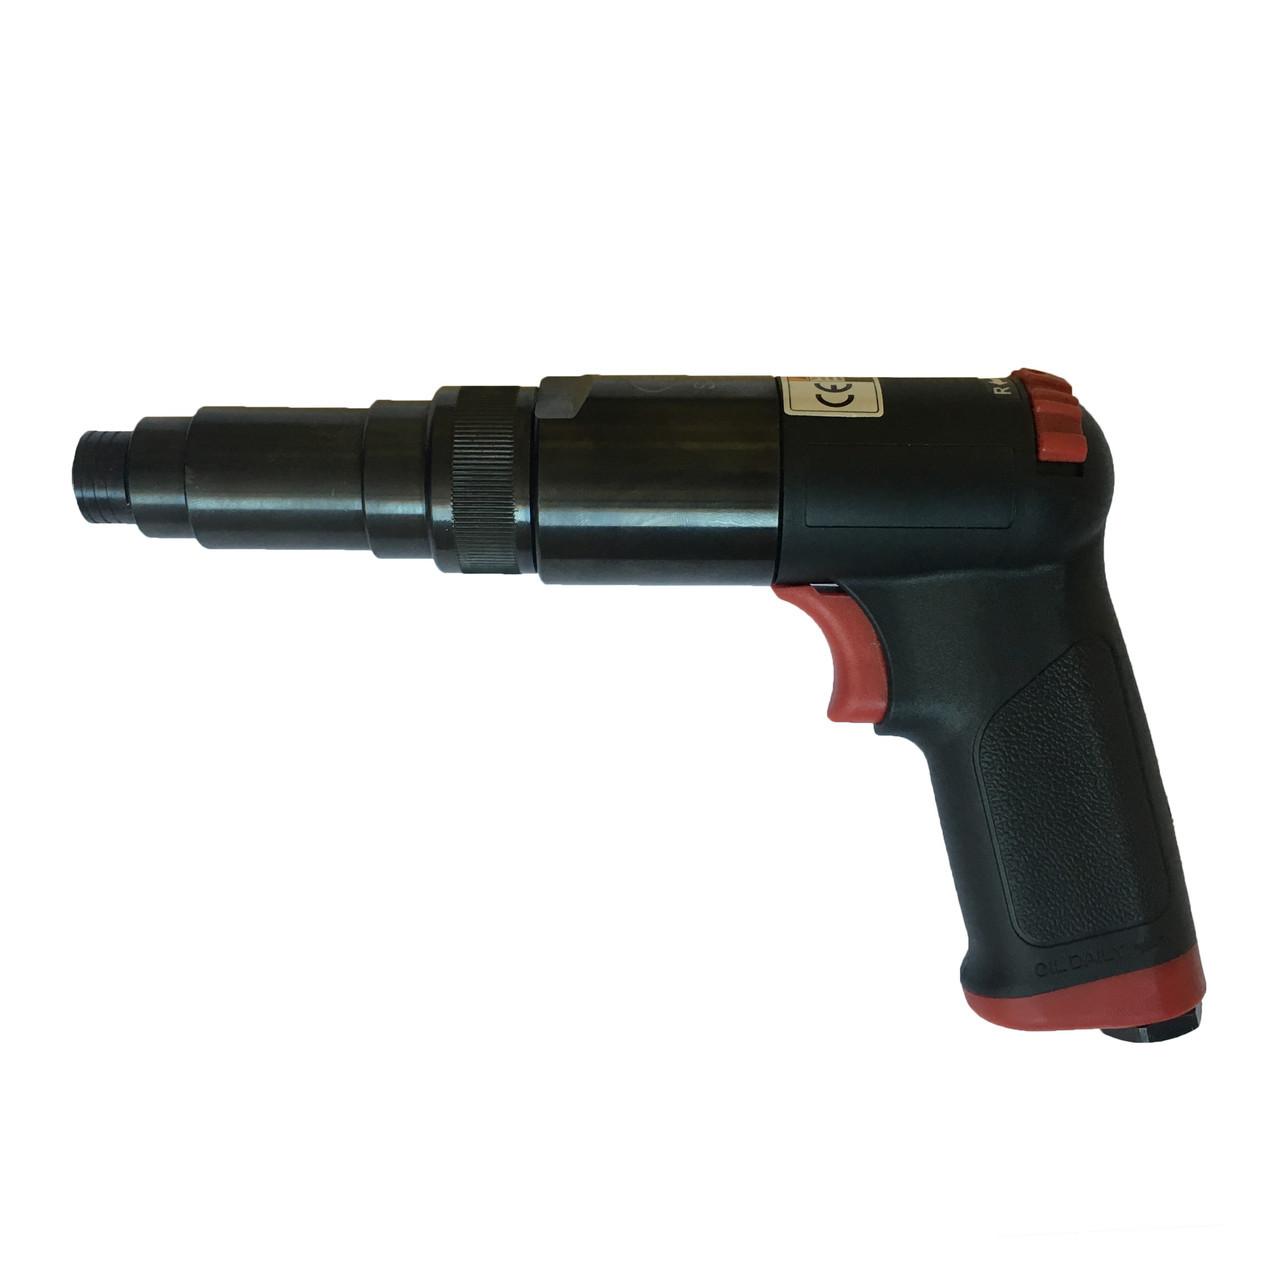 Шуруповерт пневматический пистолетного типа Air Pro SA62101 (Тайвань)